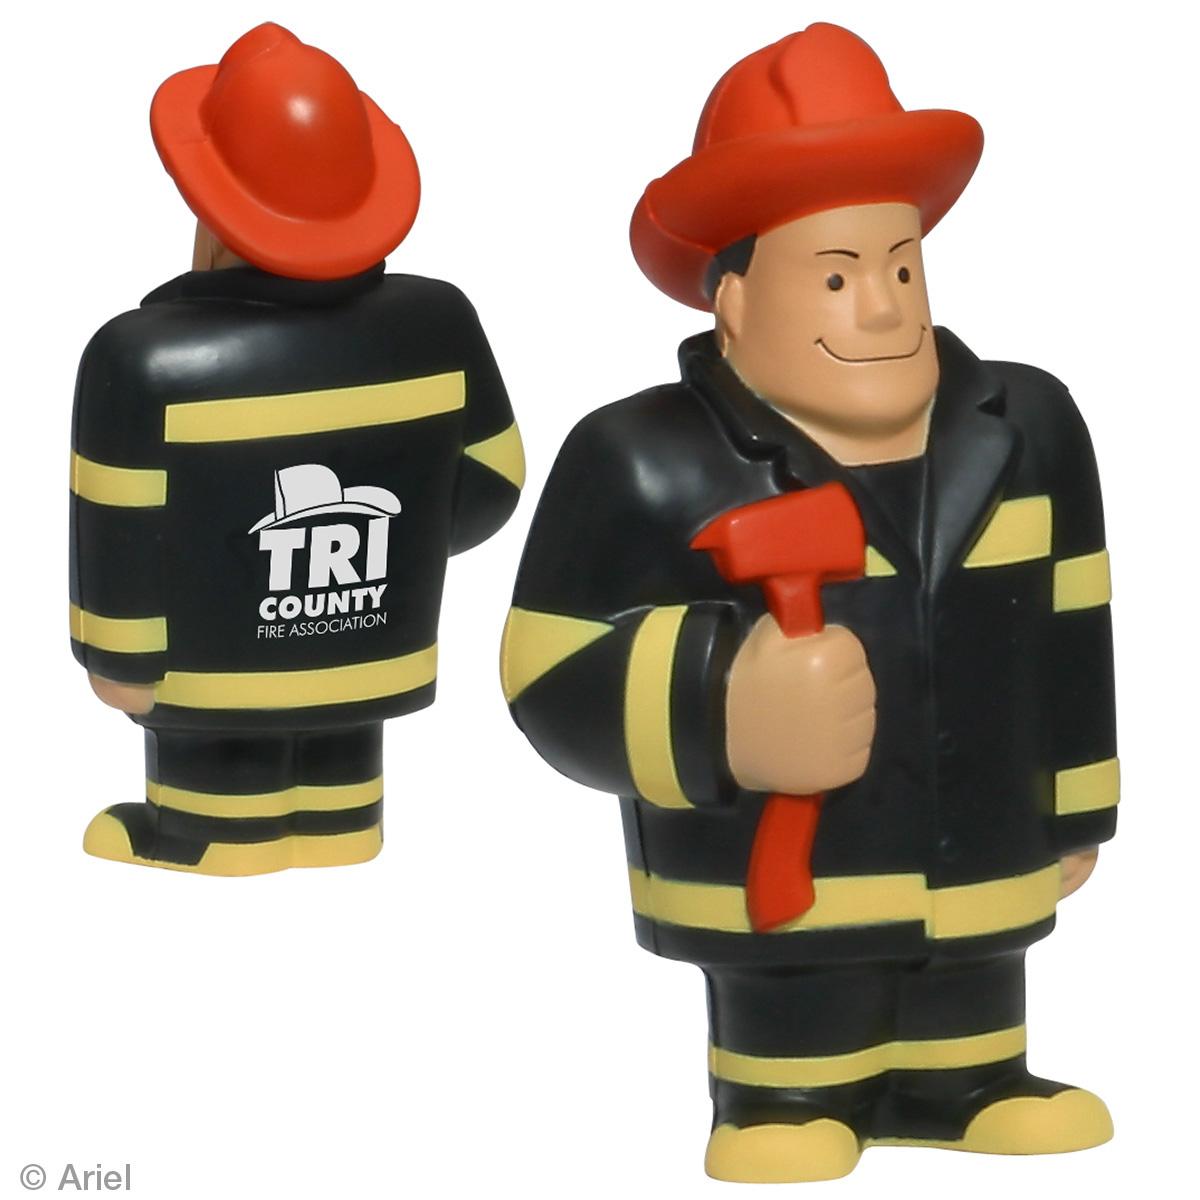 Fireman Stress Reliever, LCC-FM06 - 1 Colour Imprint